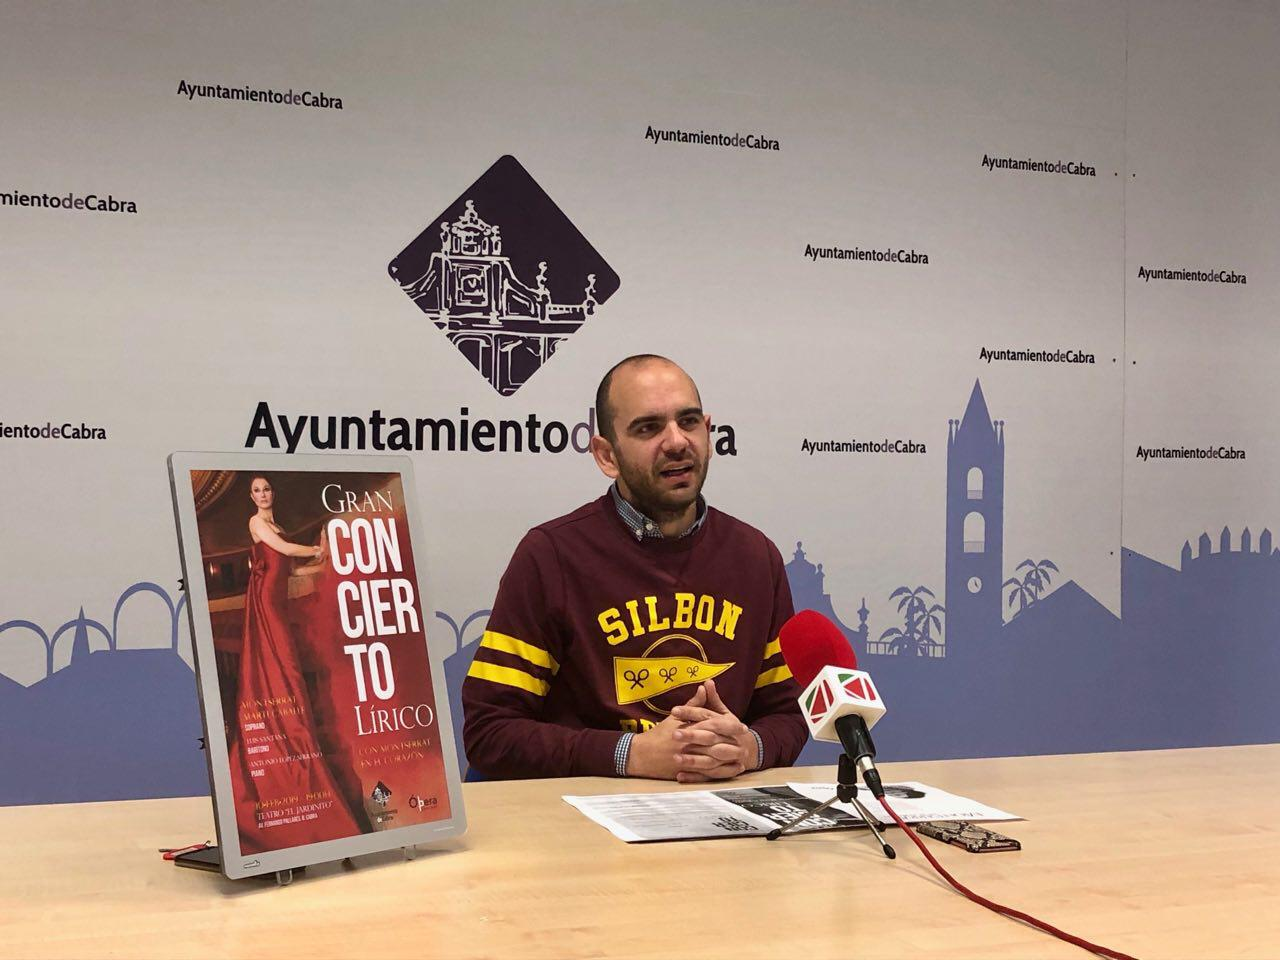 El Teatro El Jardinito acogerá un concierto lírico el próximo 10 de febrero